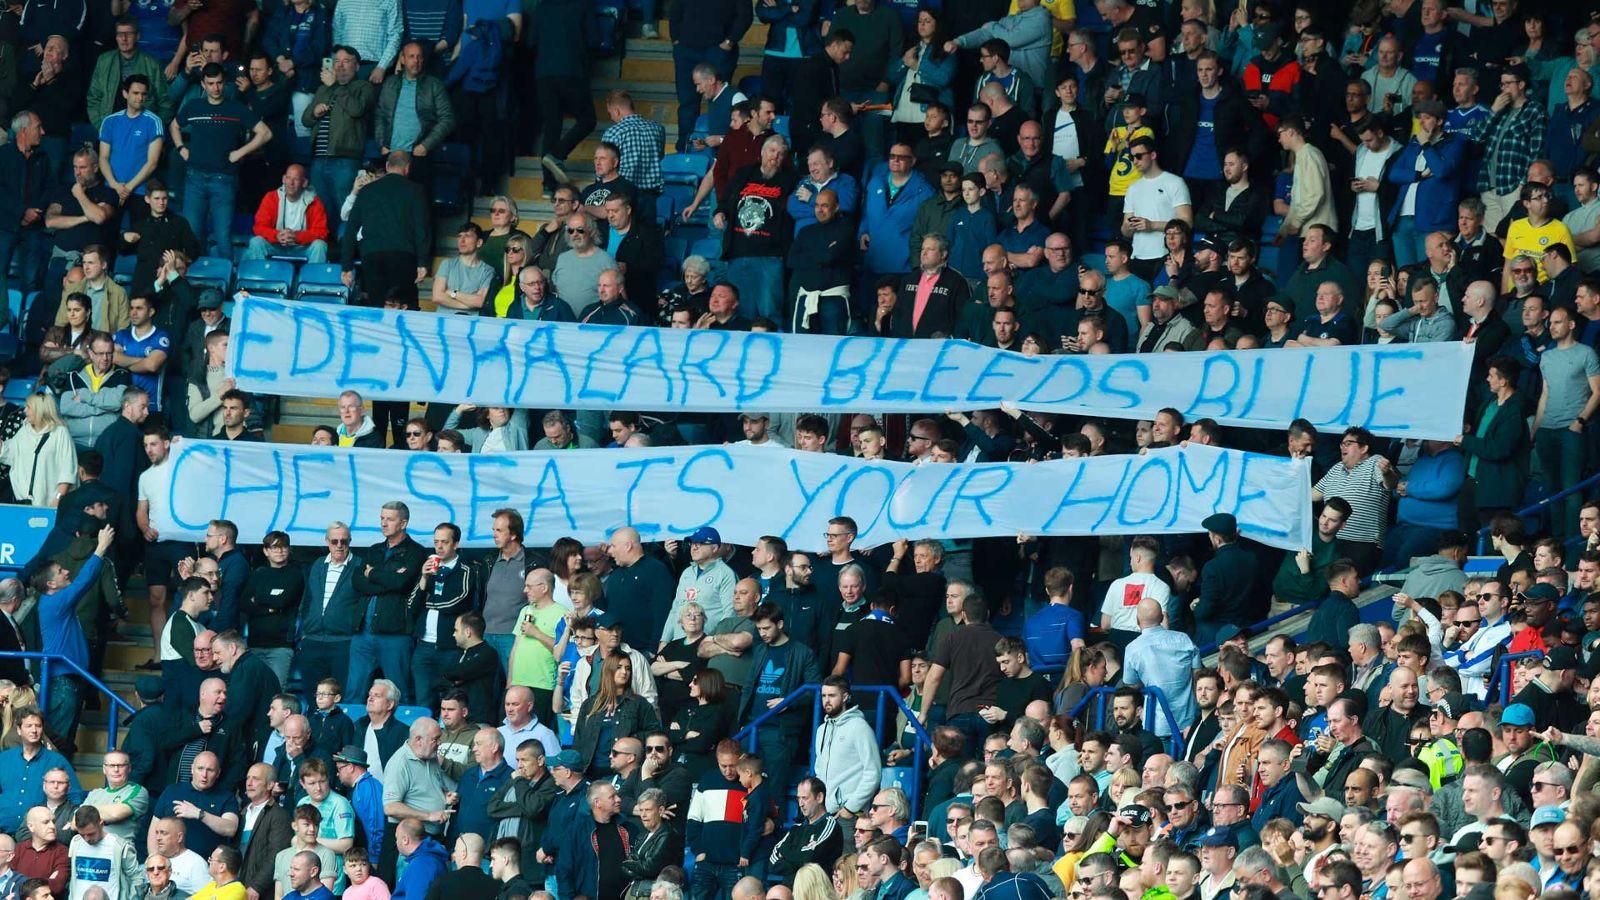 """""""蓝色是你的血,切尔西是你的家!""""——球迷试图说服阿扎尔留下"""